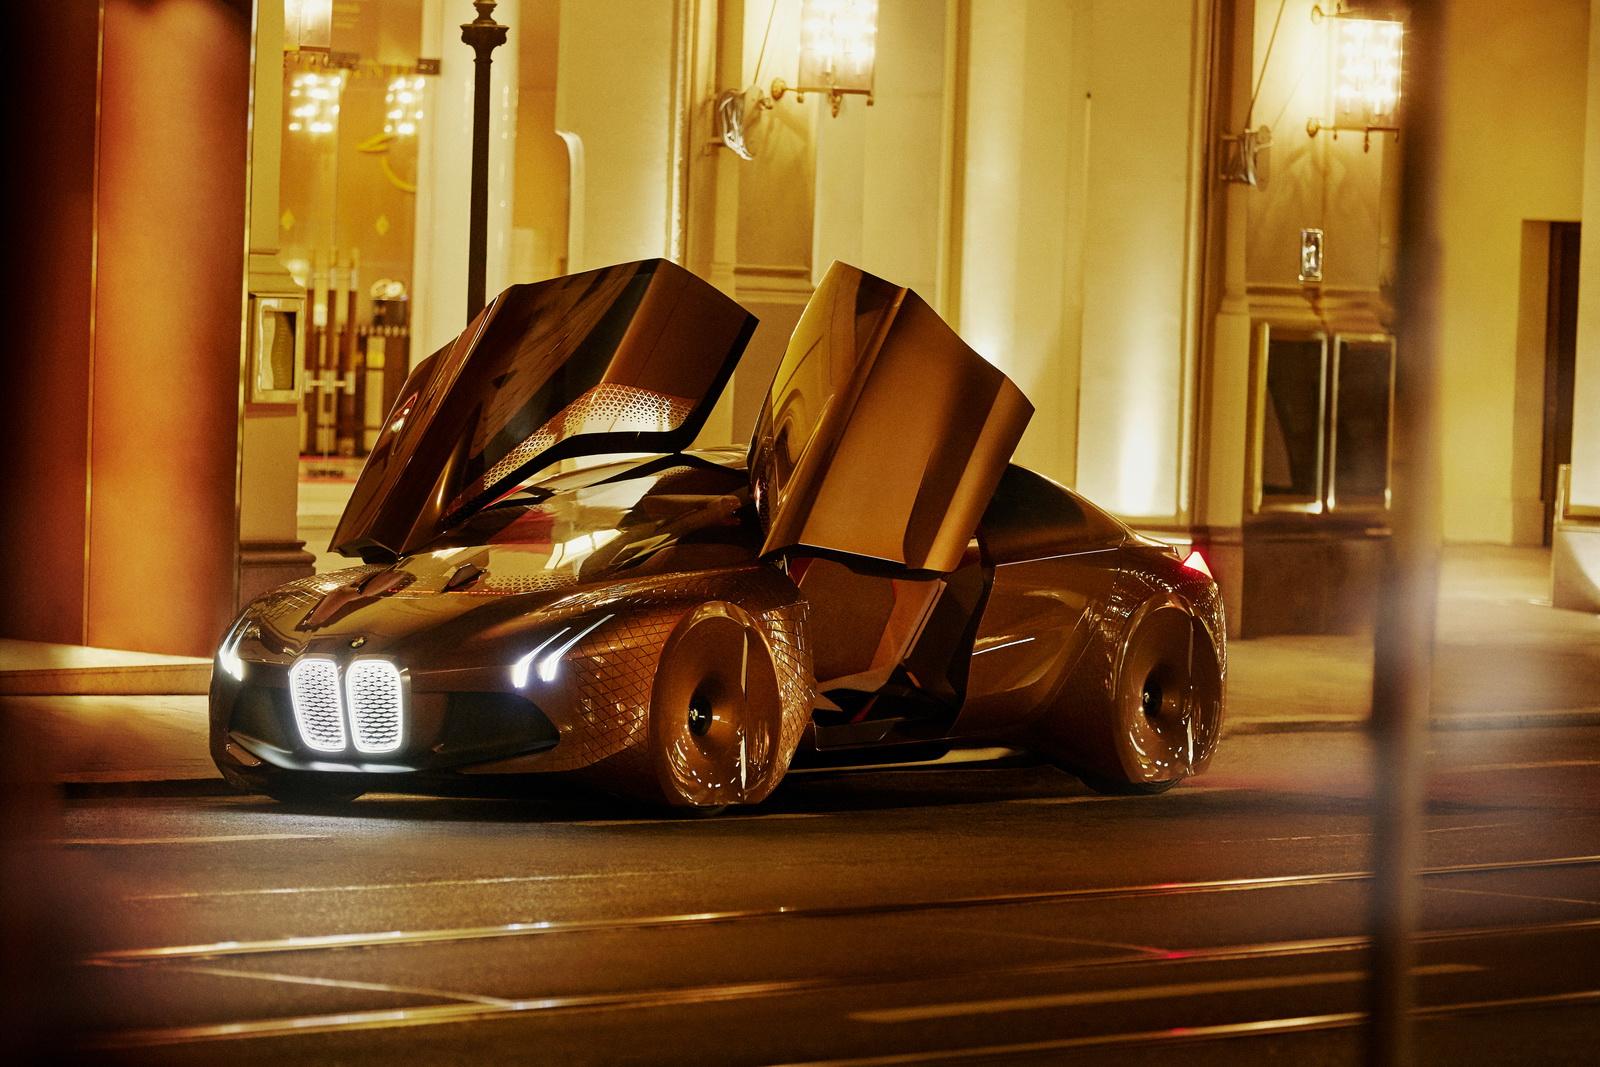 2016-BMWVision100-01.jpg